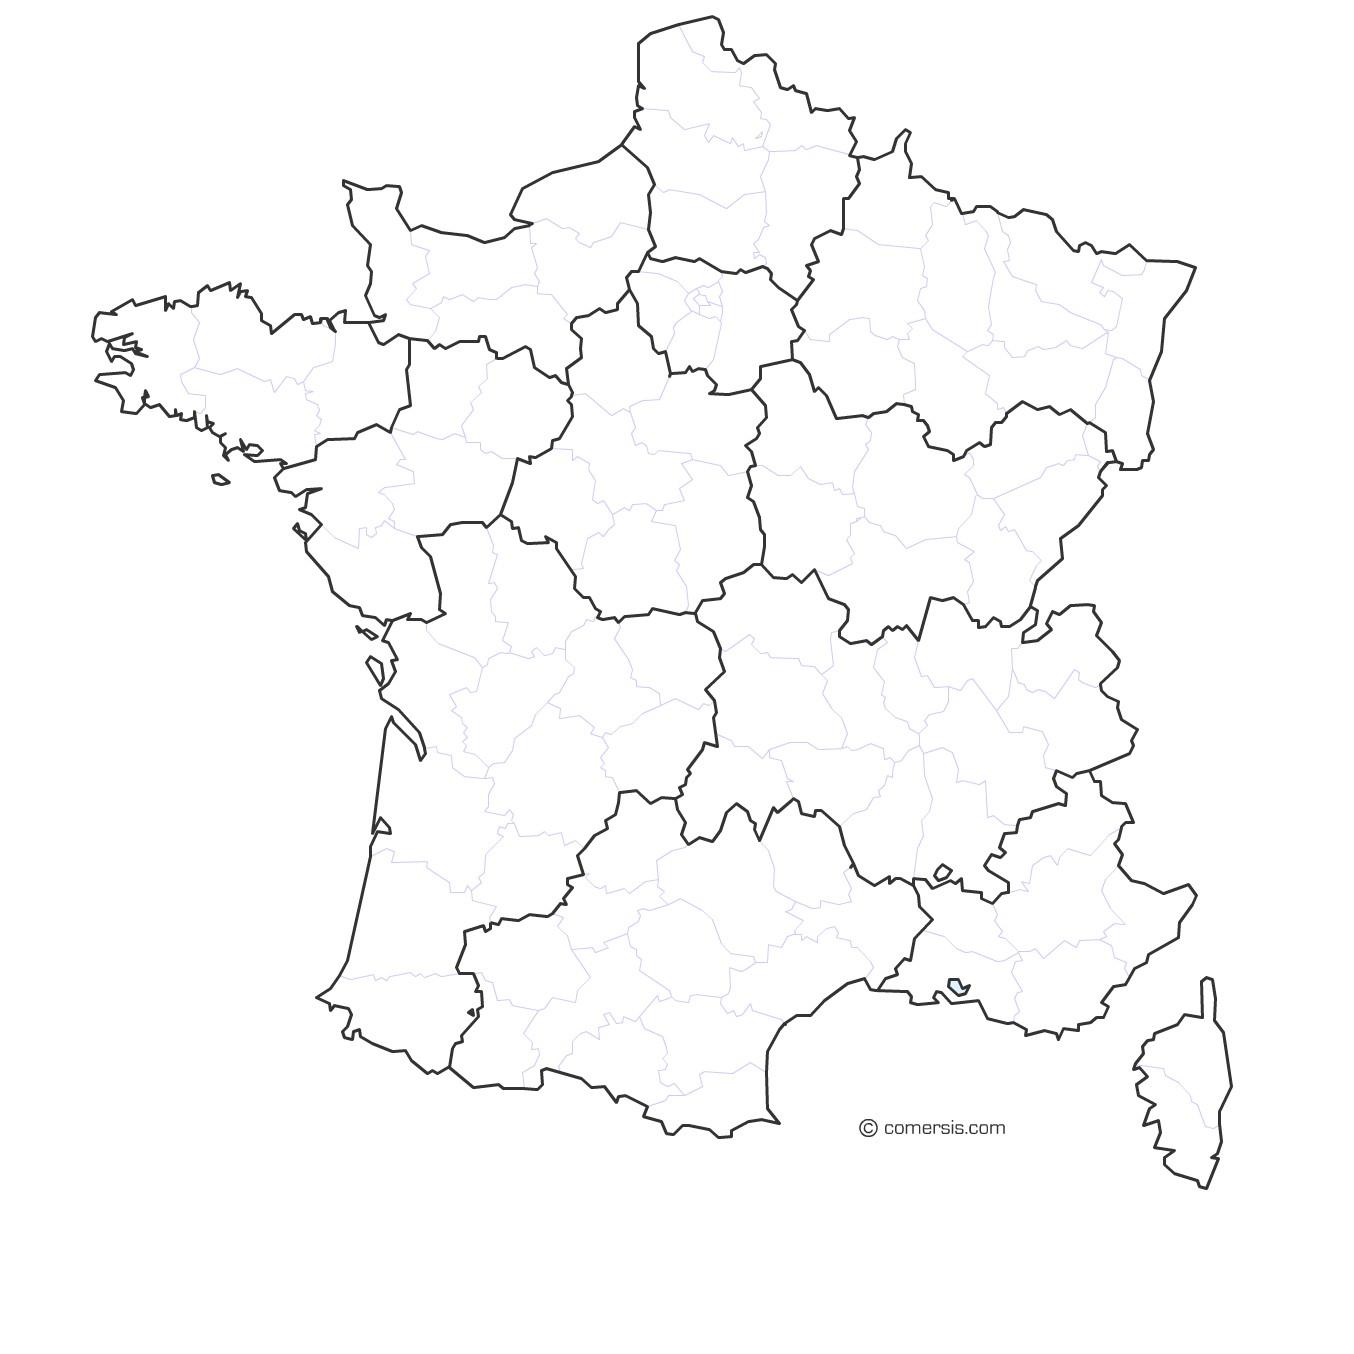 Carte France Par Regions Et Départements destiné Région Et Département France